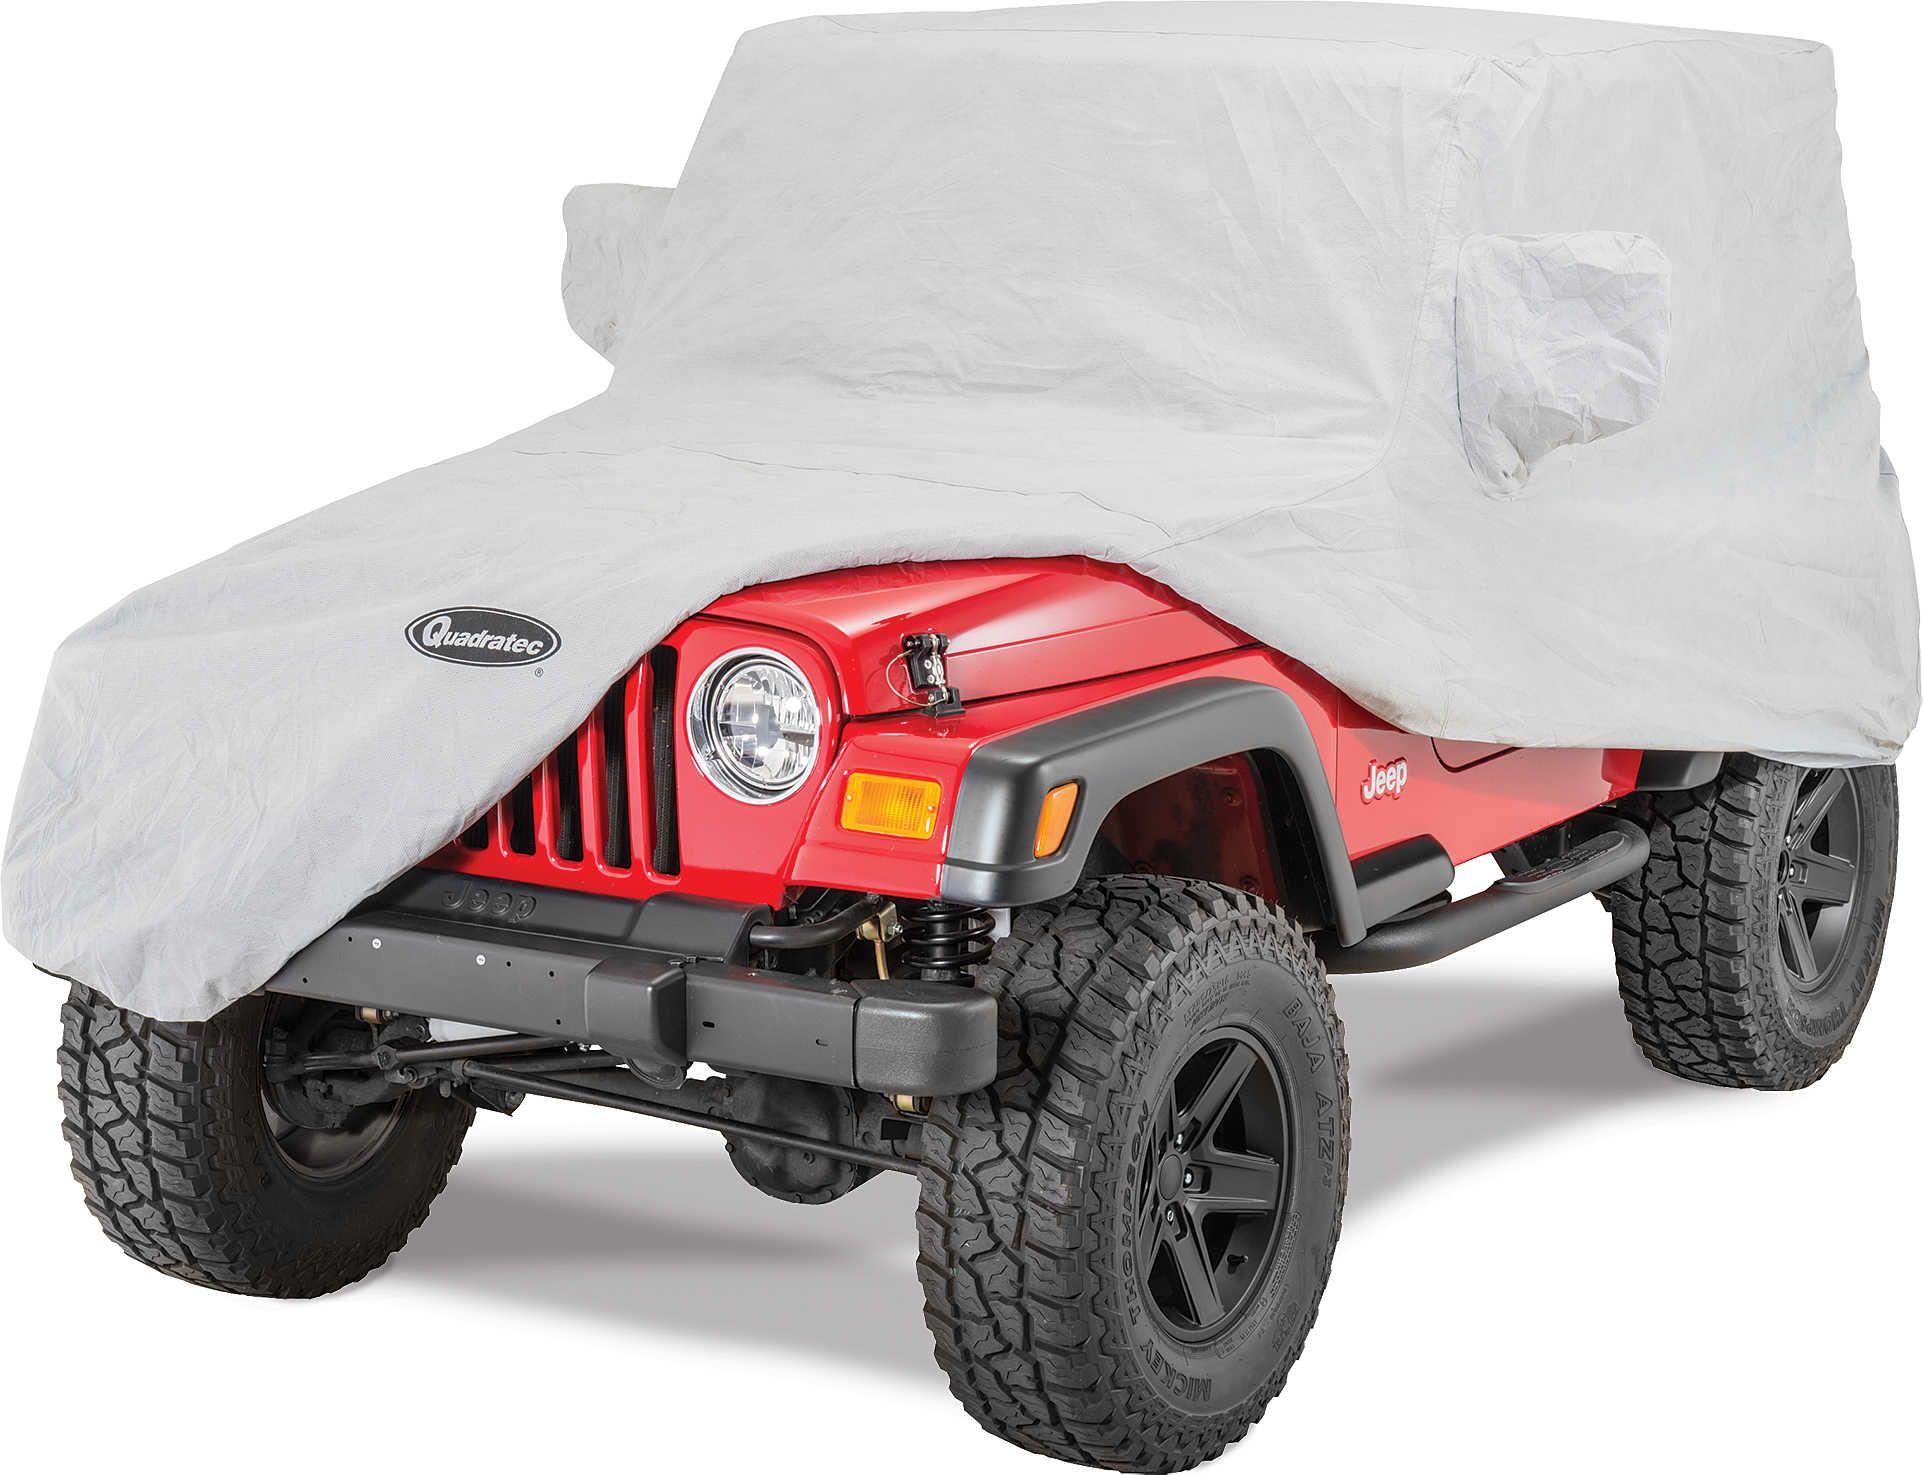 1323e6bff3 Quadratec® Softbond 5-Layer Car Cover for 76-06 Jeep® CJ-7, Wrangler YJ &  TJ | Quadratec